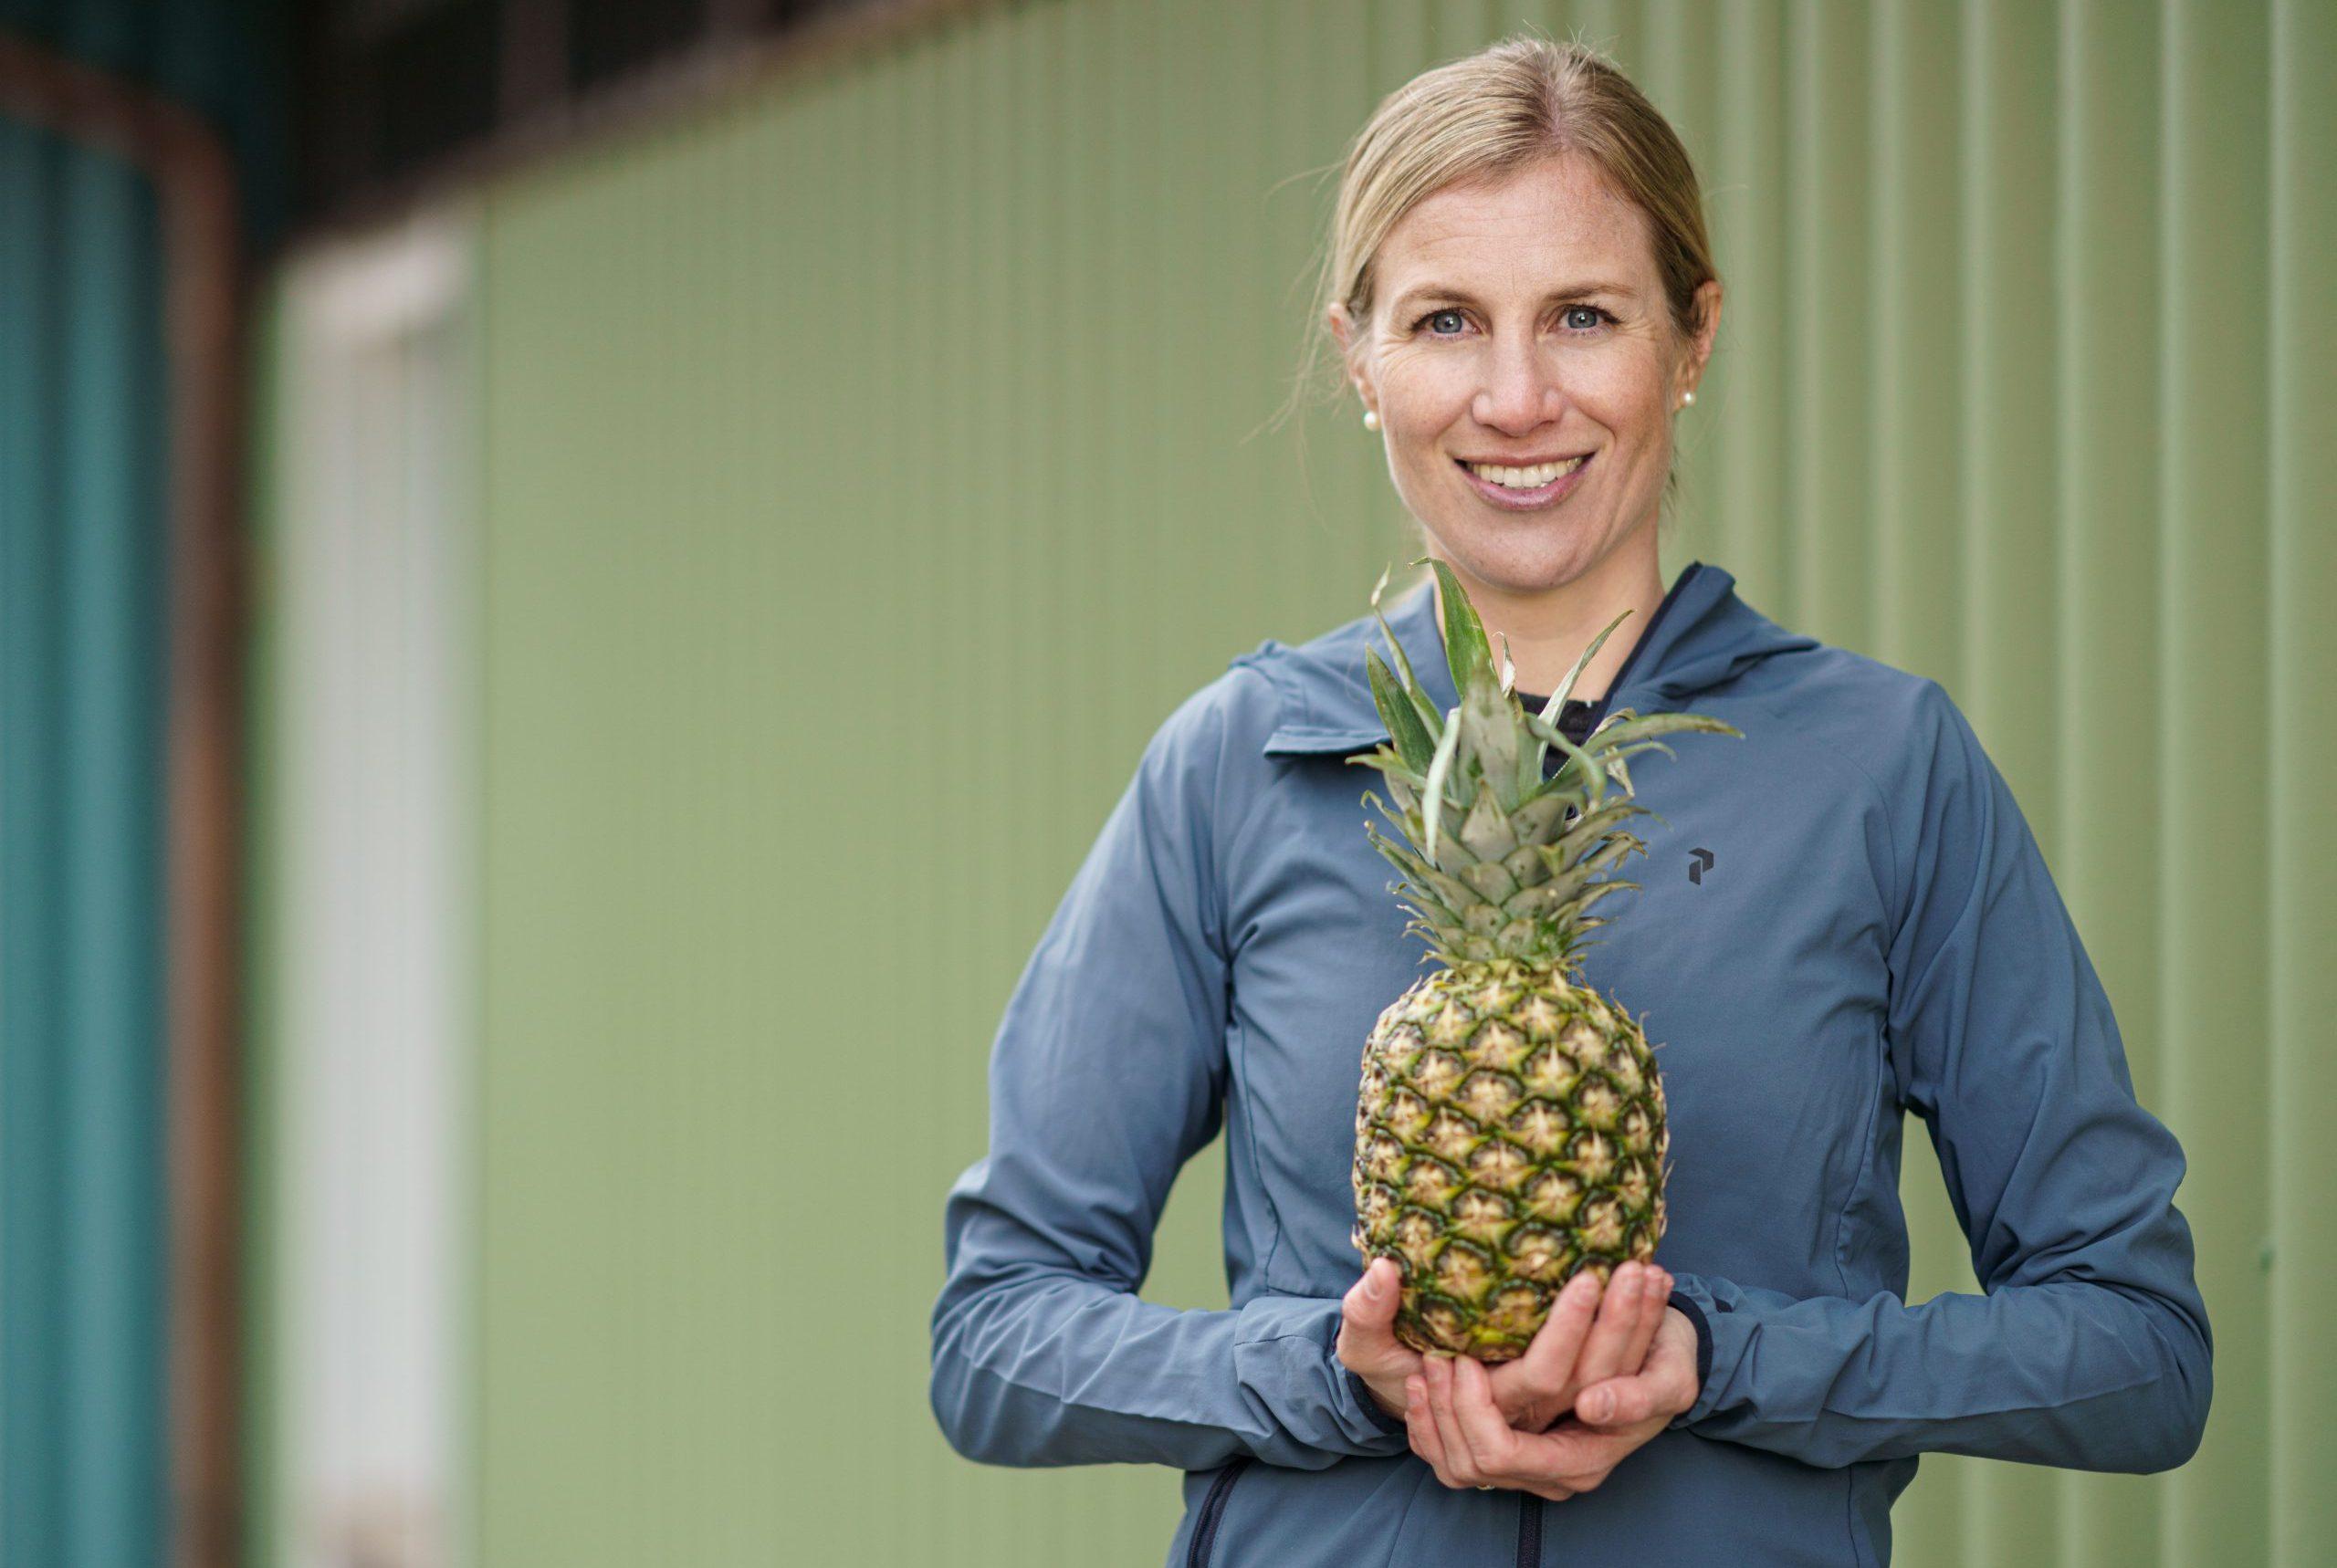 7_Ulrike Boll Health Coach Personal Training Ernährungscoaching Kurse Pfäffikon Freienbach Oberer Zürichsee